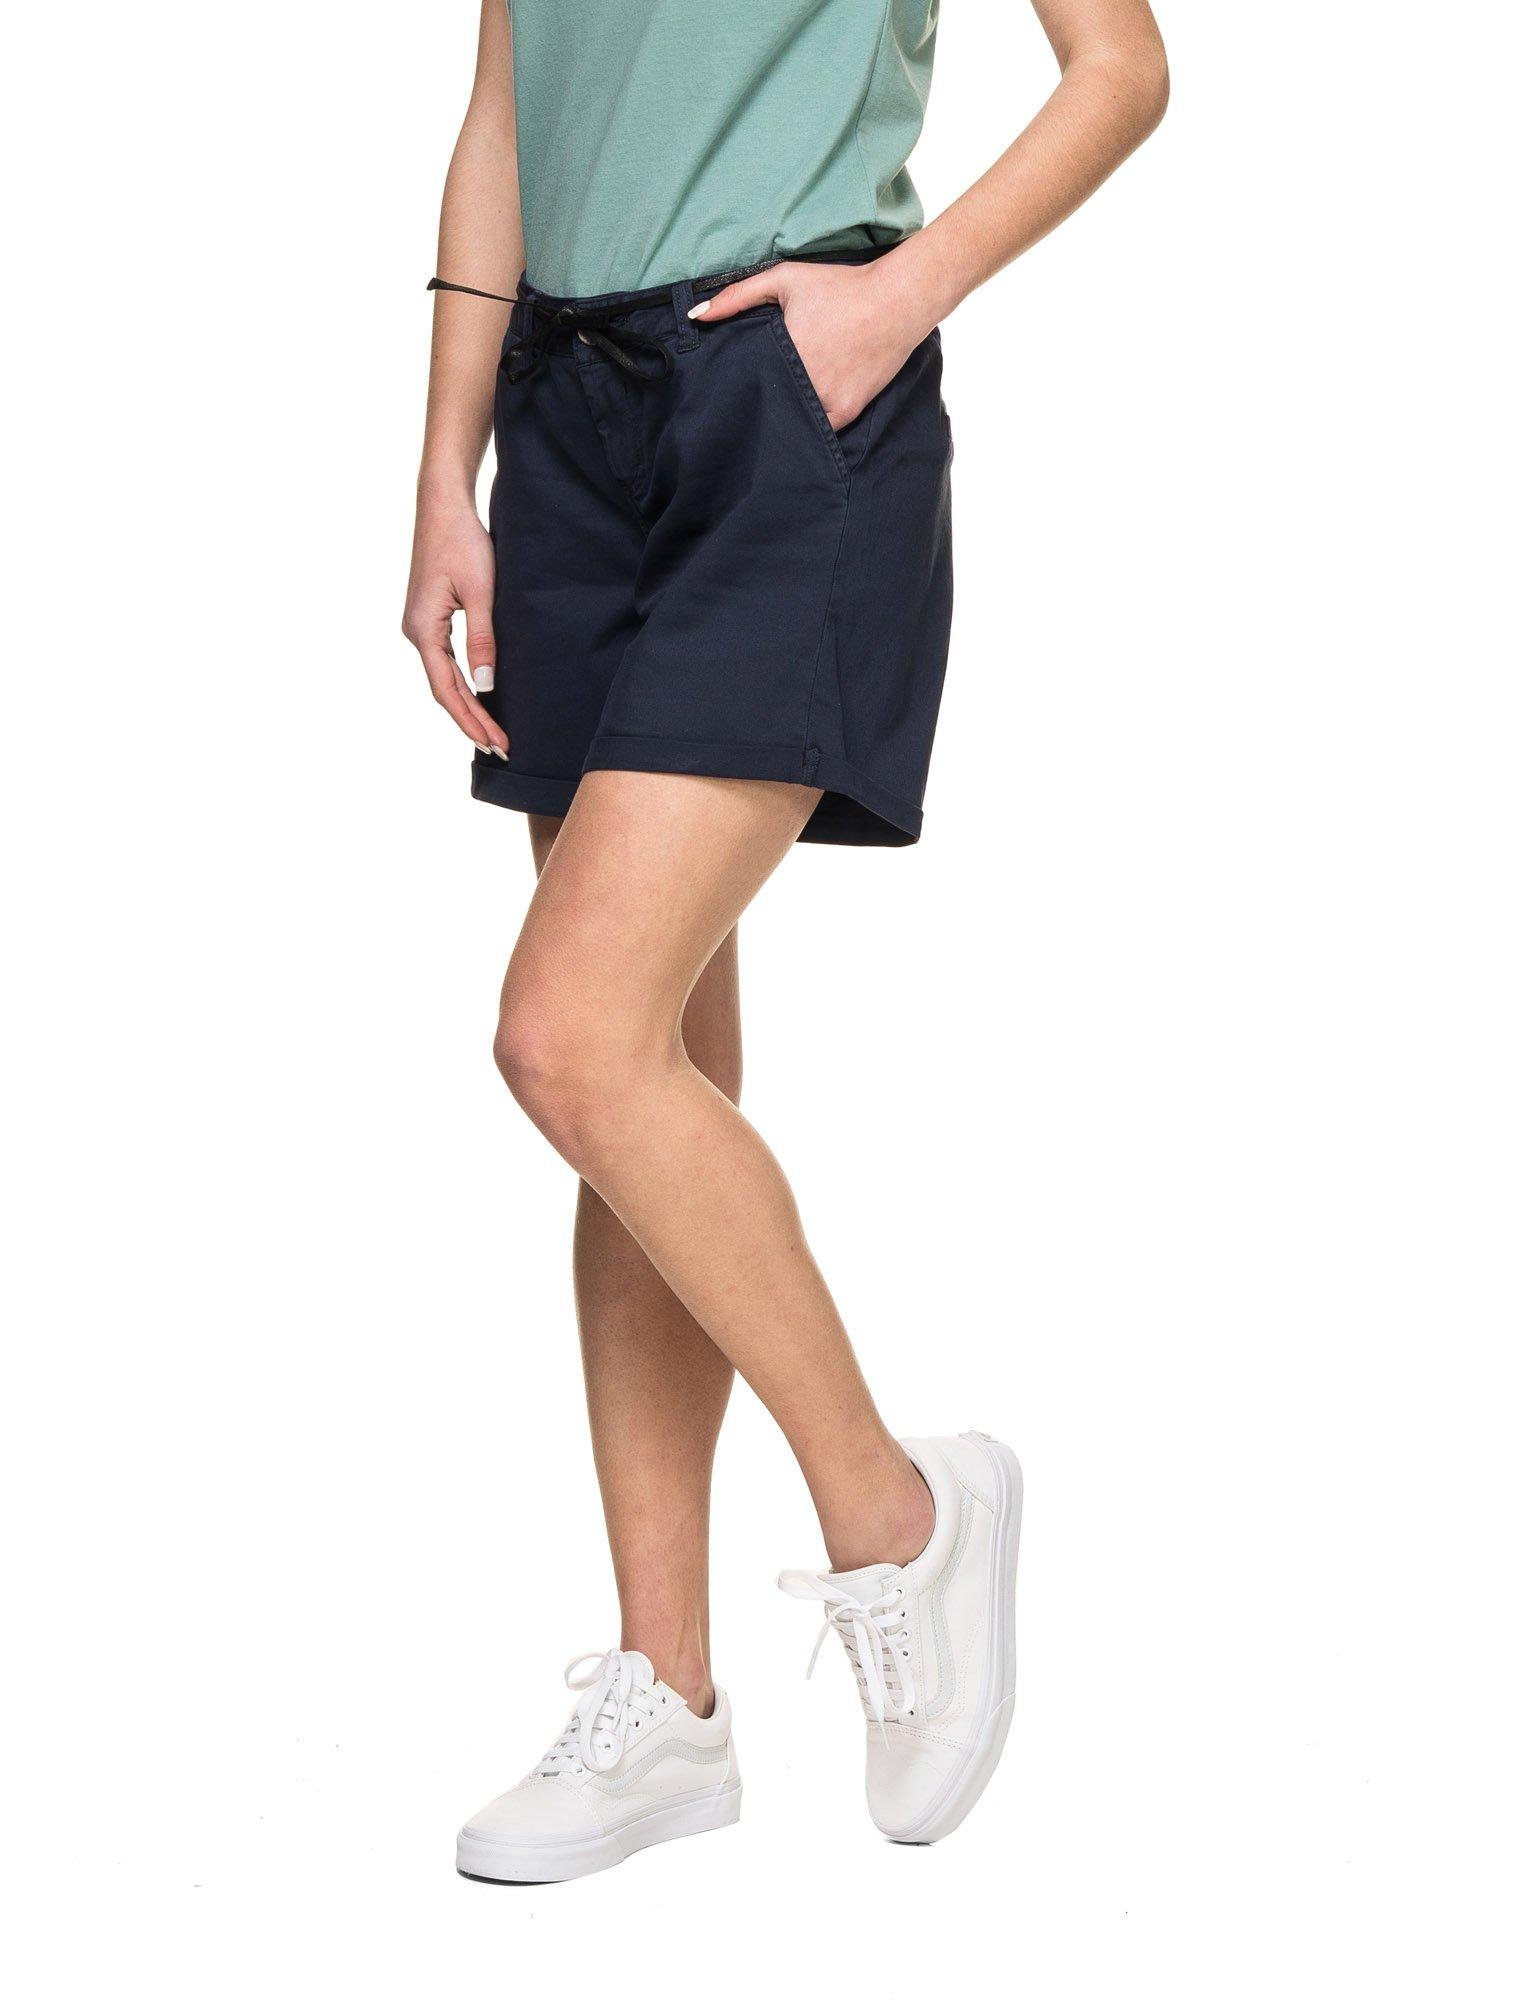 GARCIA JEANS Women's Women's Black Short Shorts Wiyh Zip in Size XS Black